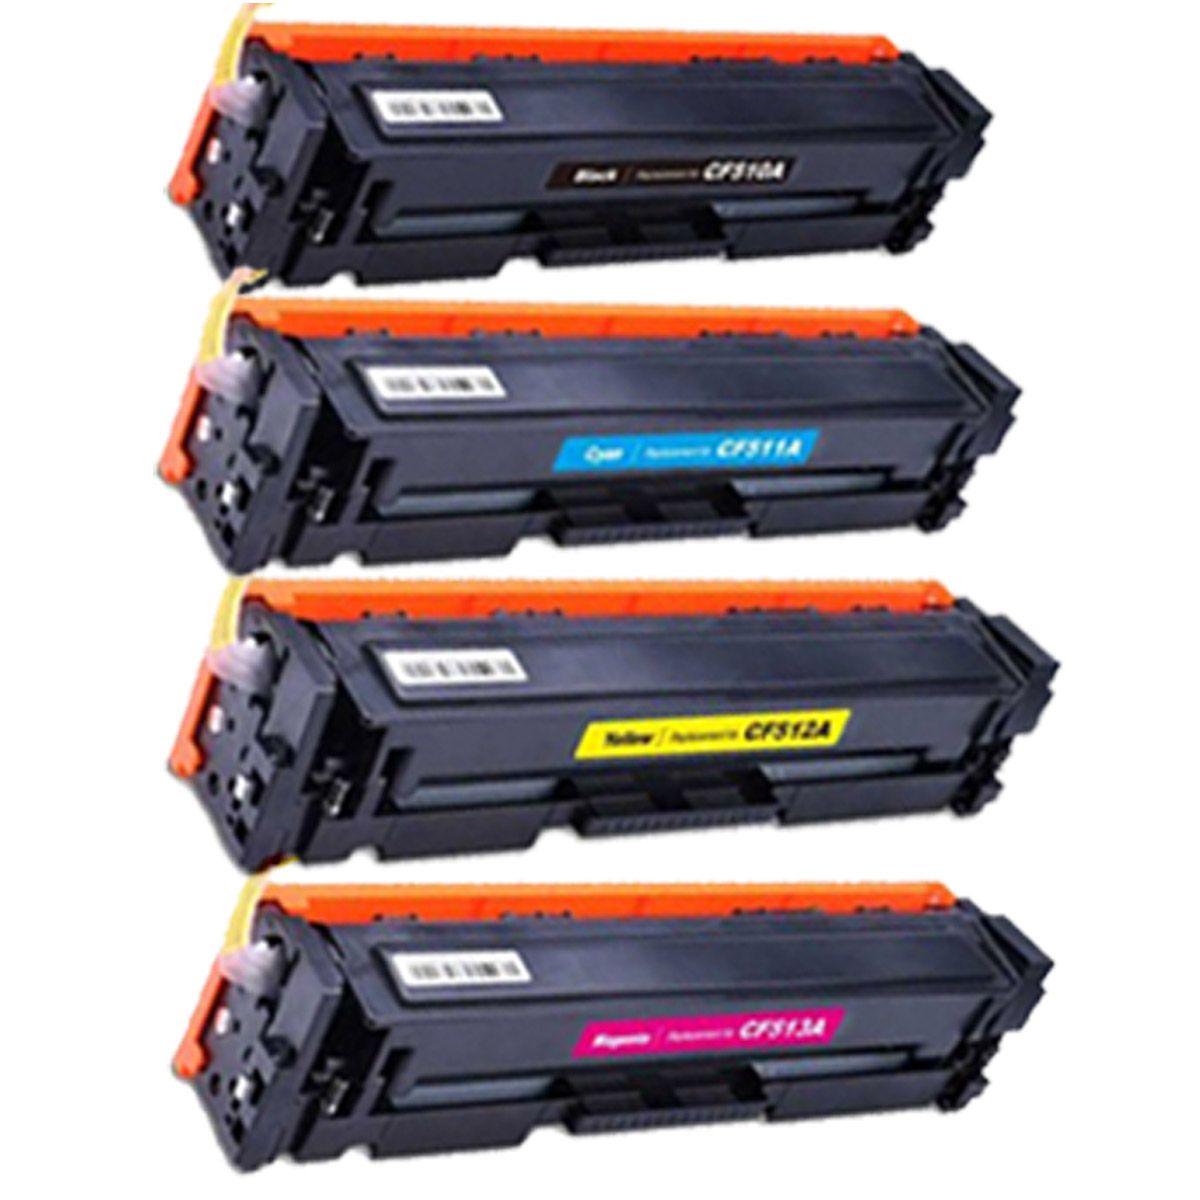 4 Toner CF510A CF511A CF512 CF513 204A - M180NW M180